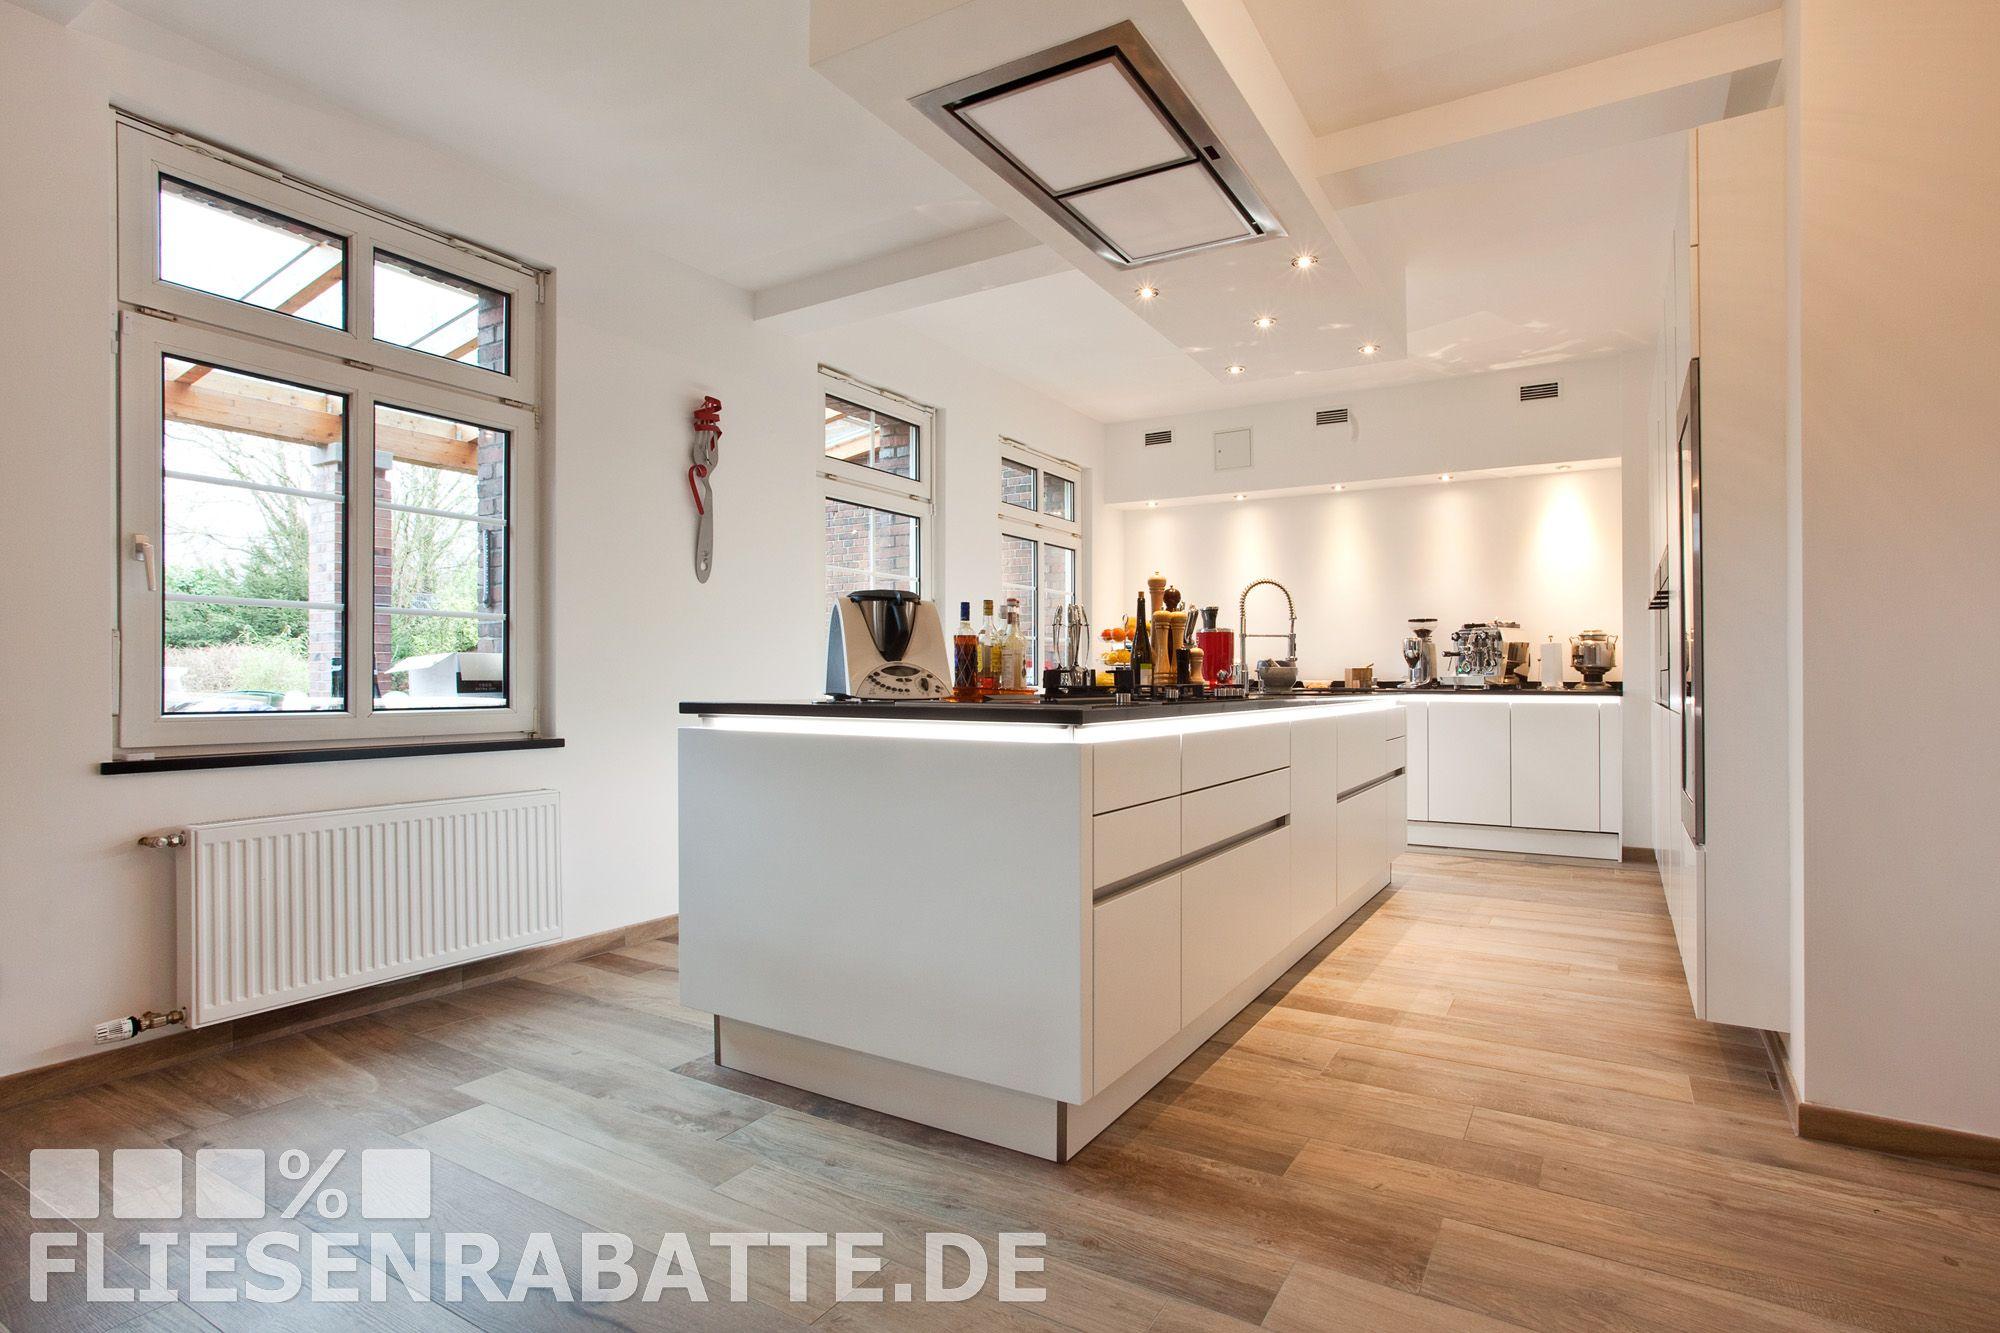 Traum Küchen Projekt by Fliesenrabatte Dortmund. Welche ...